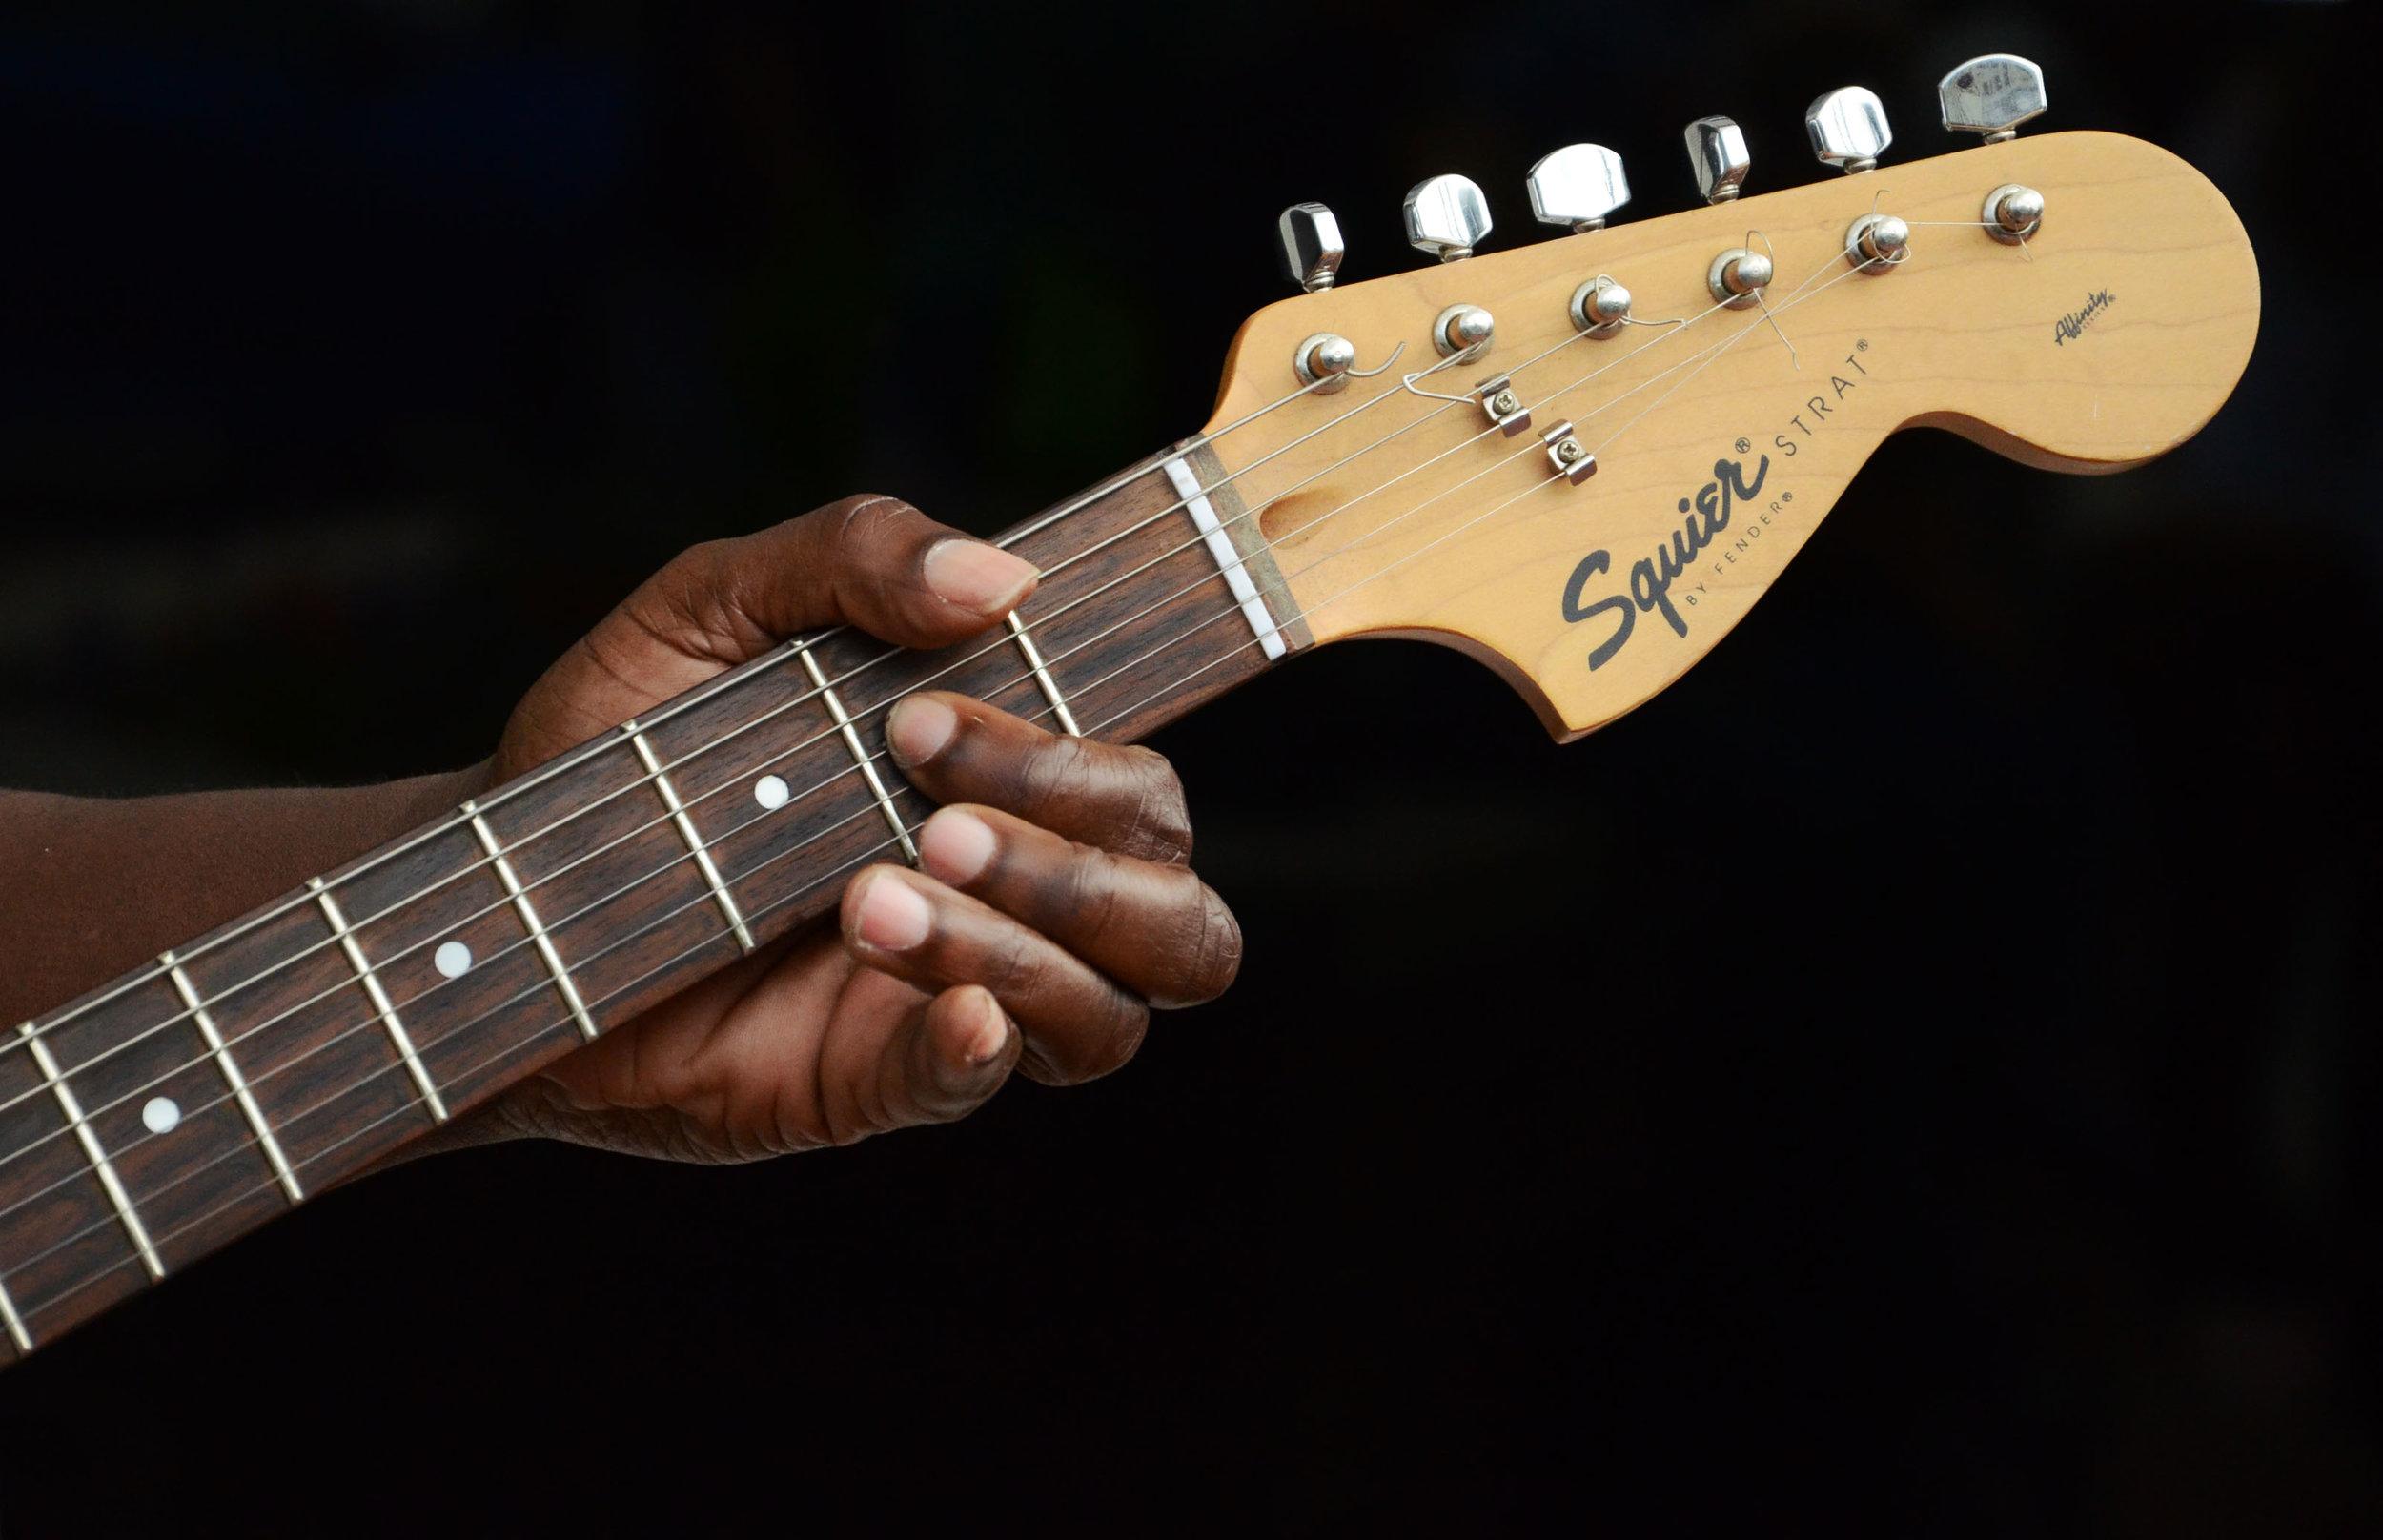 Michael's guitar.